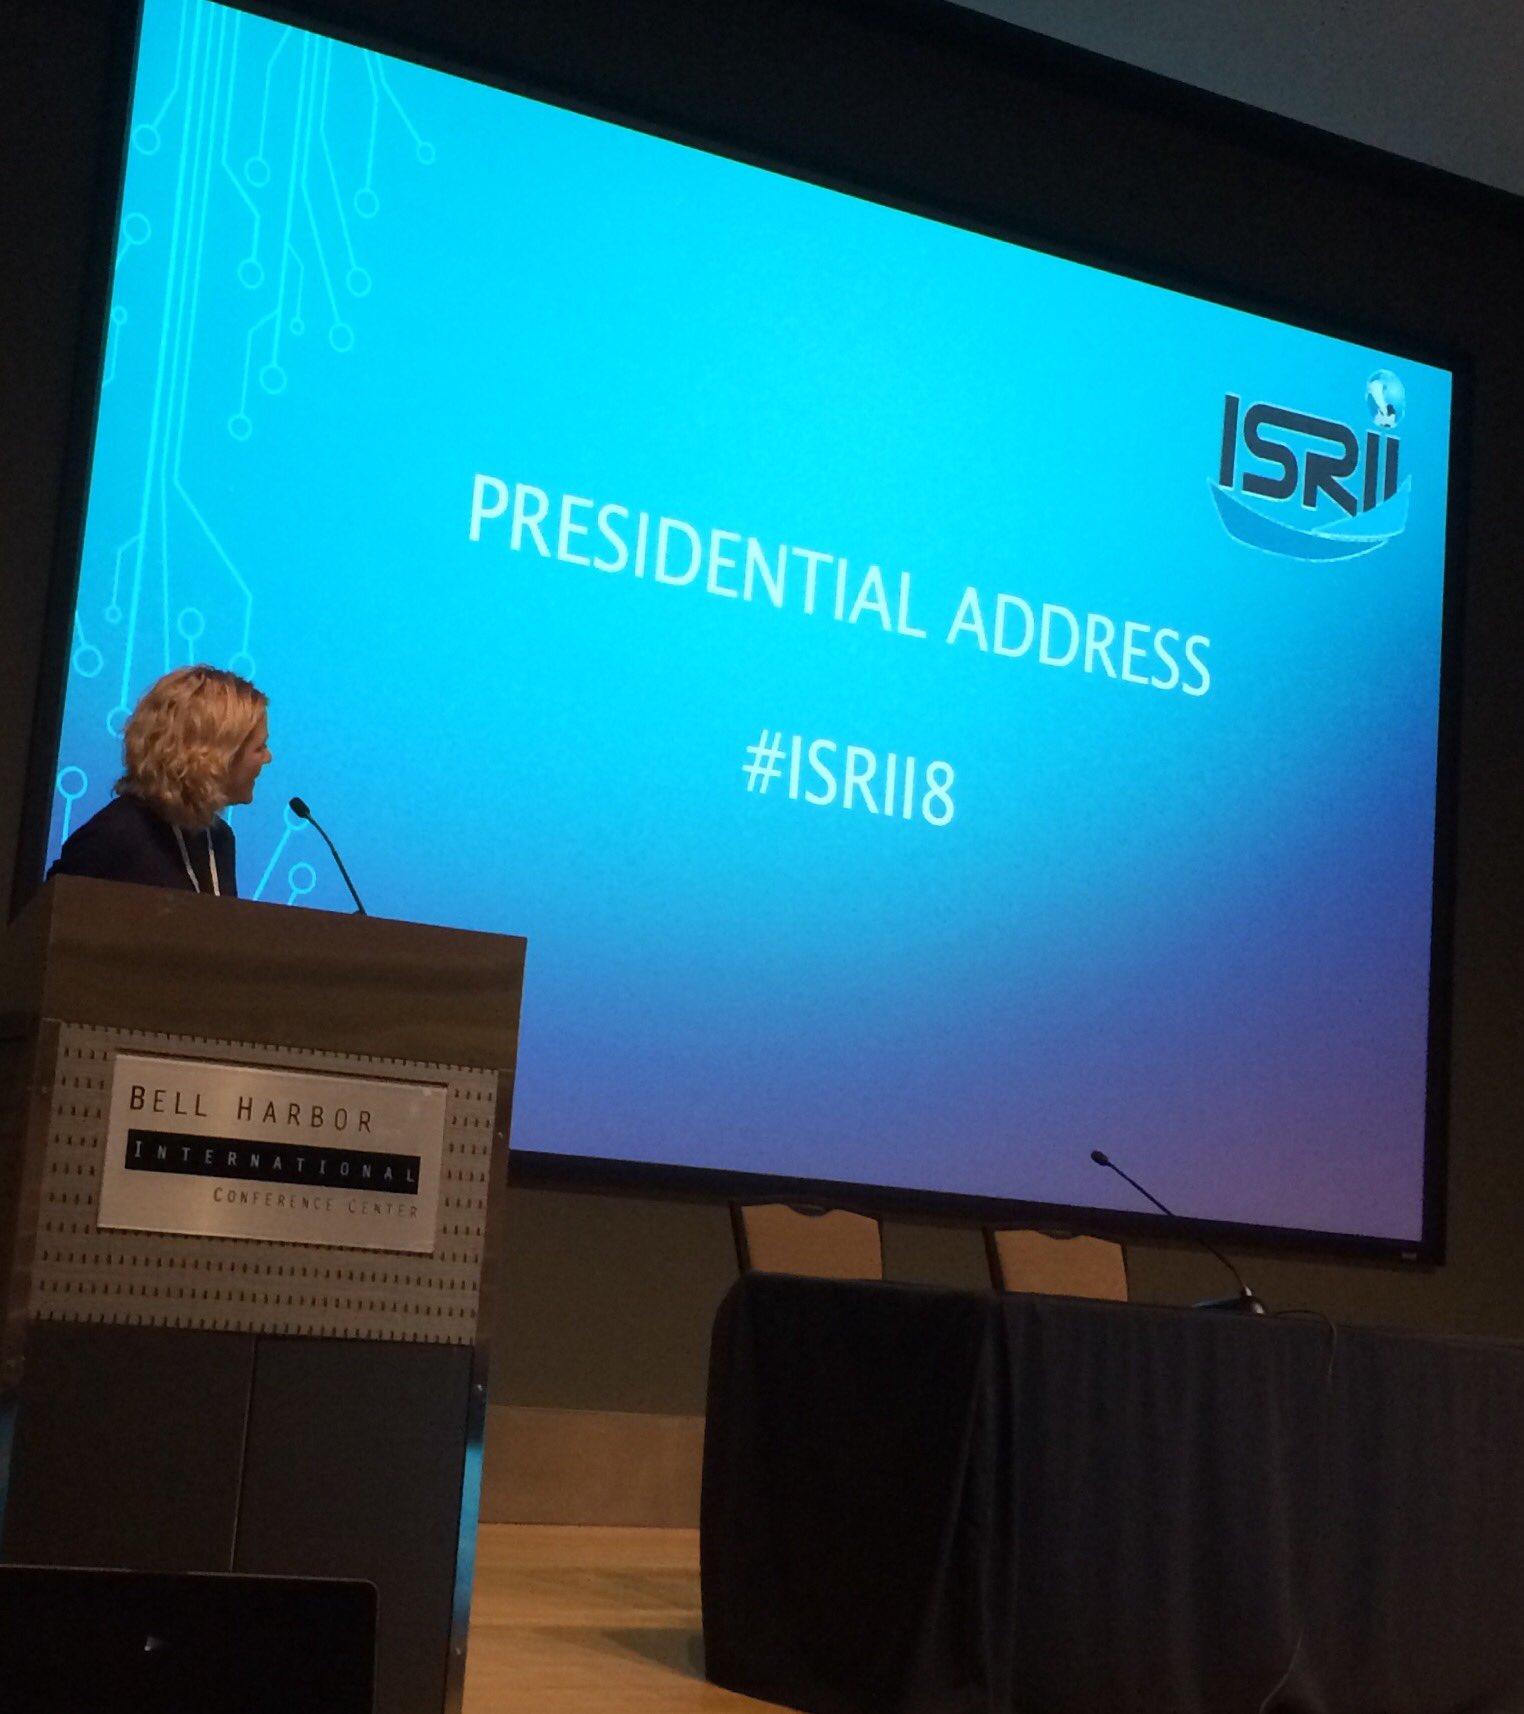 President @FranKayLamb with presidential address. Highlighting the Twitter hashtag #ISRII8 https://t.co/j1Kcenn6mZ